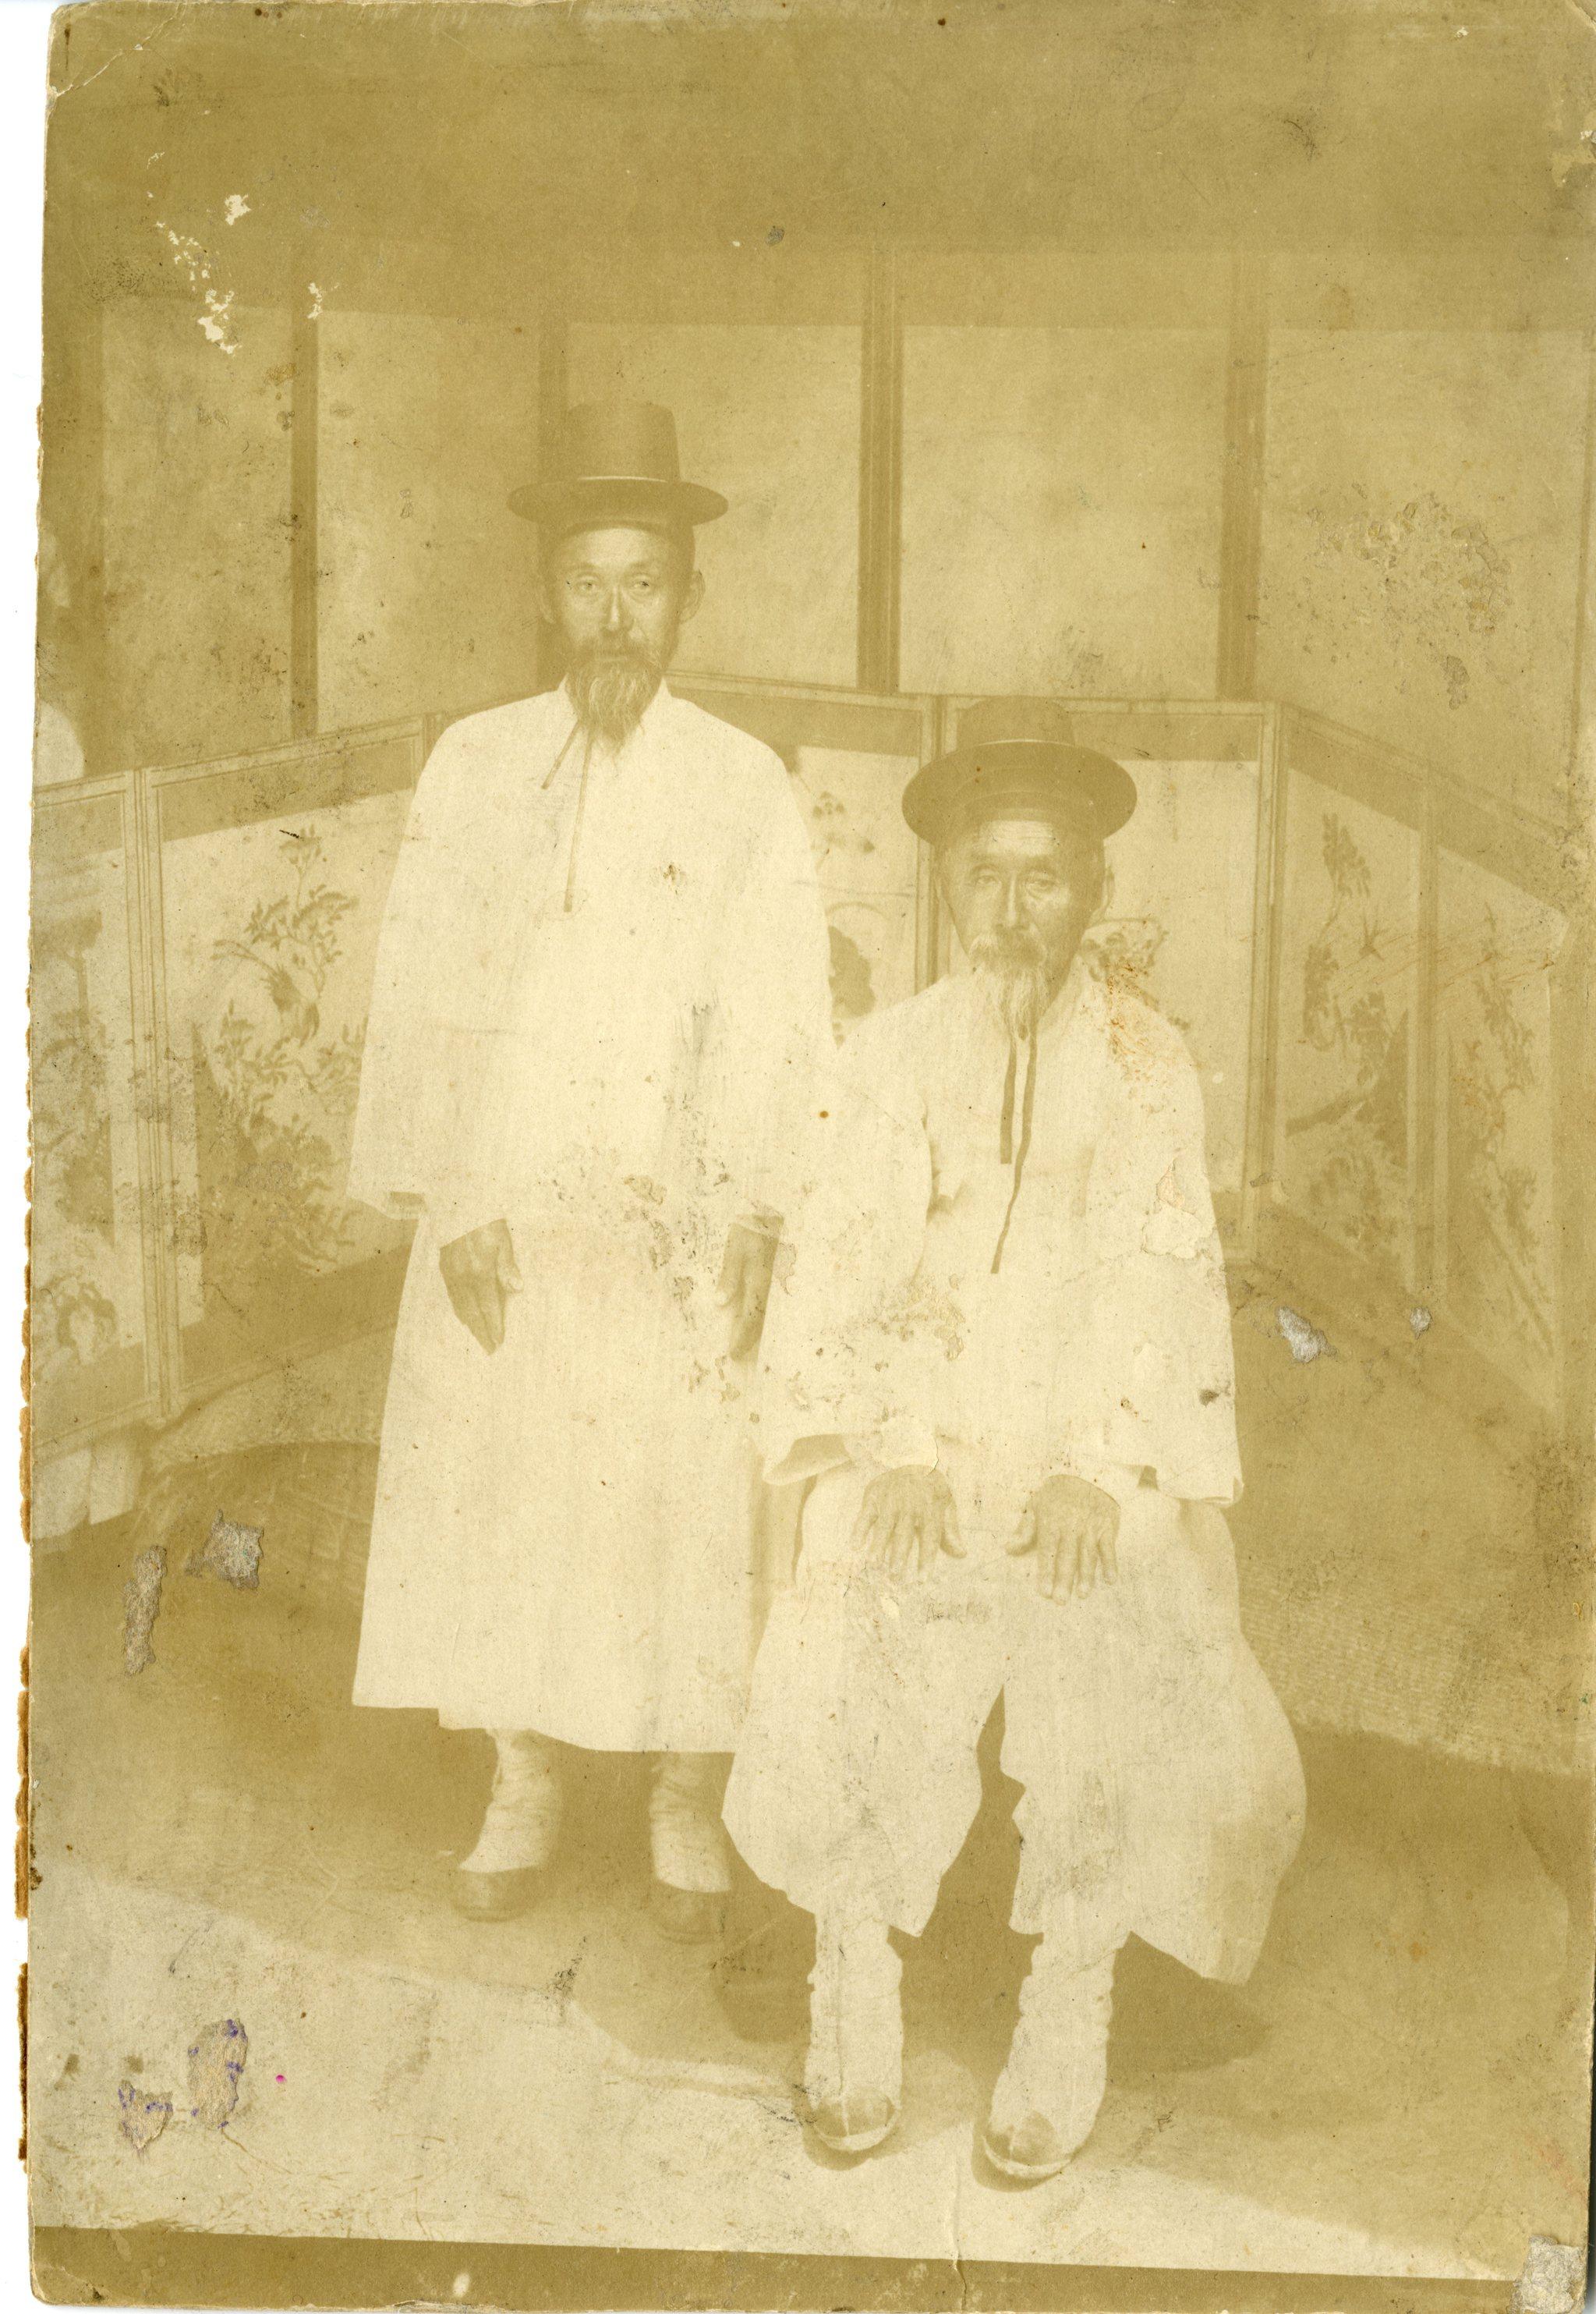 제암리 학살로 희생된 순국열사 안종락 선생(왼쪽)이 아버지 안상옥과 함께 찍은 생전 모습  [사진 제암리 3ㆍ1운동 순국기념관]